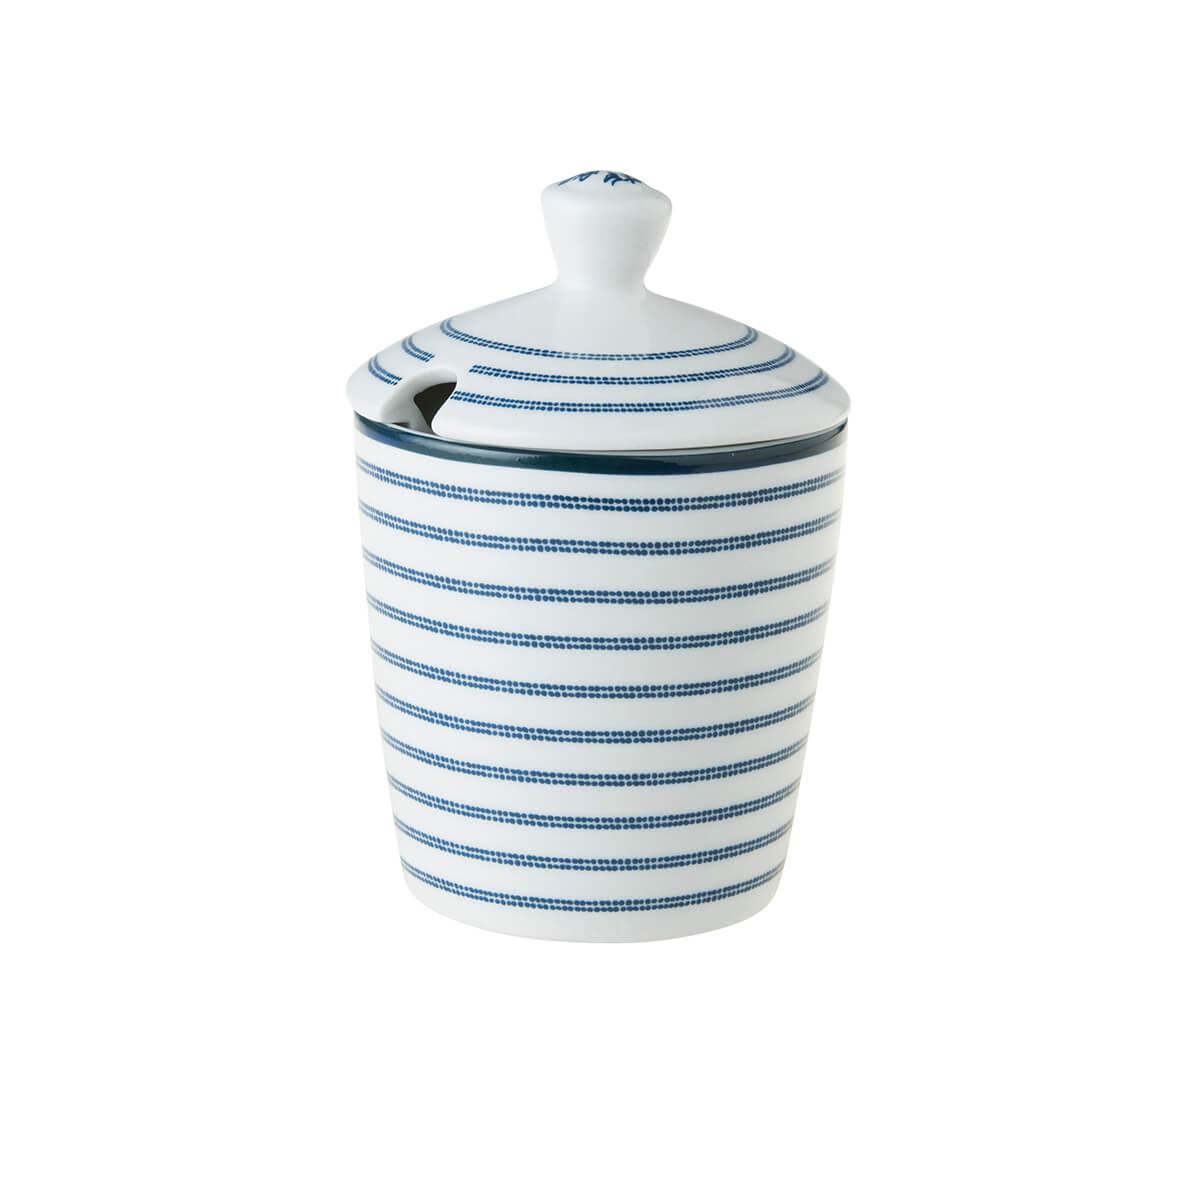 Онлайн каталог PROMENU: Сахарница фарфоровая Laura Ashley BLUEPRINT, высота 12 см, белый в синюю полоску                               178682